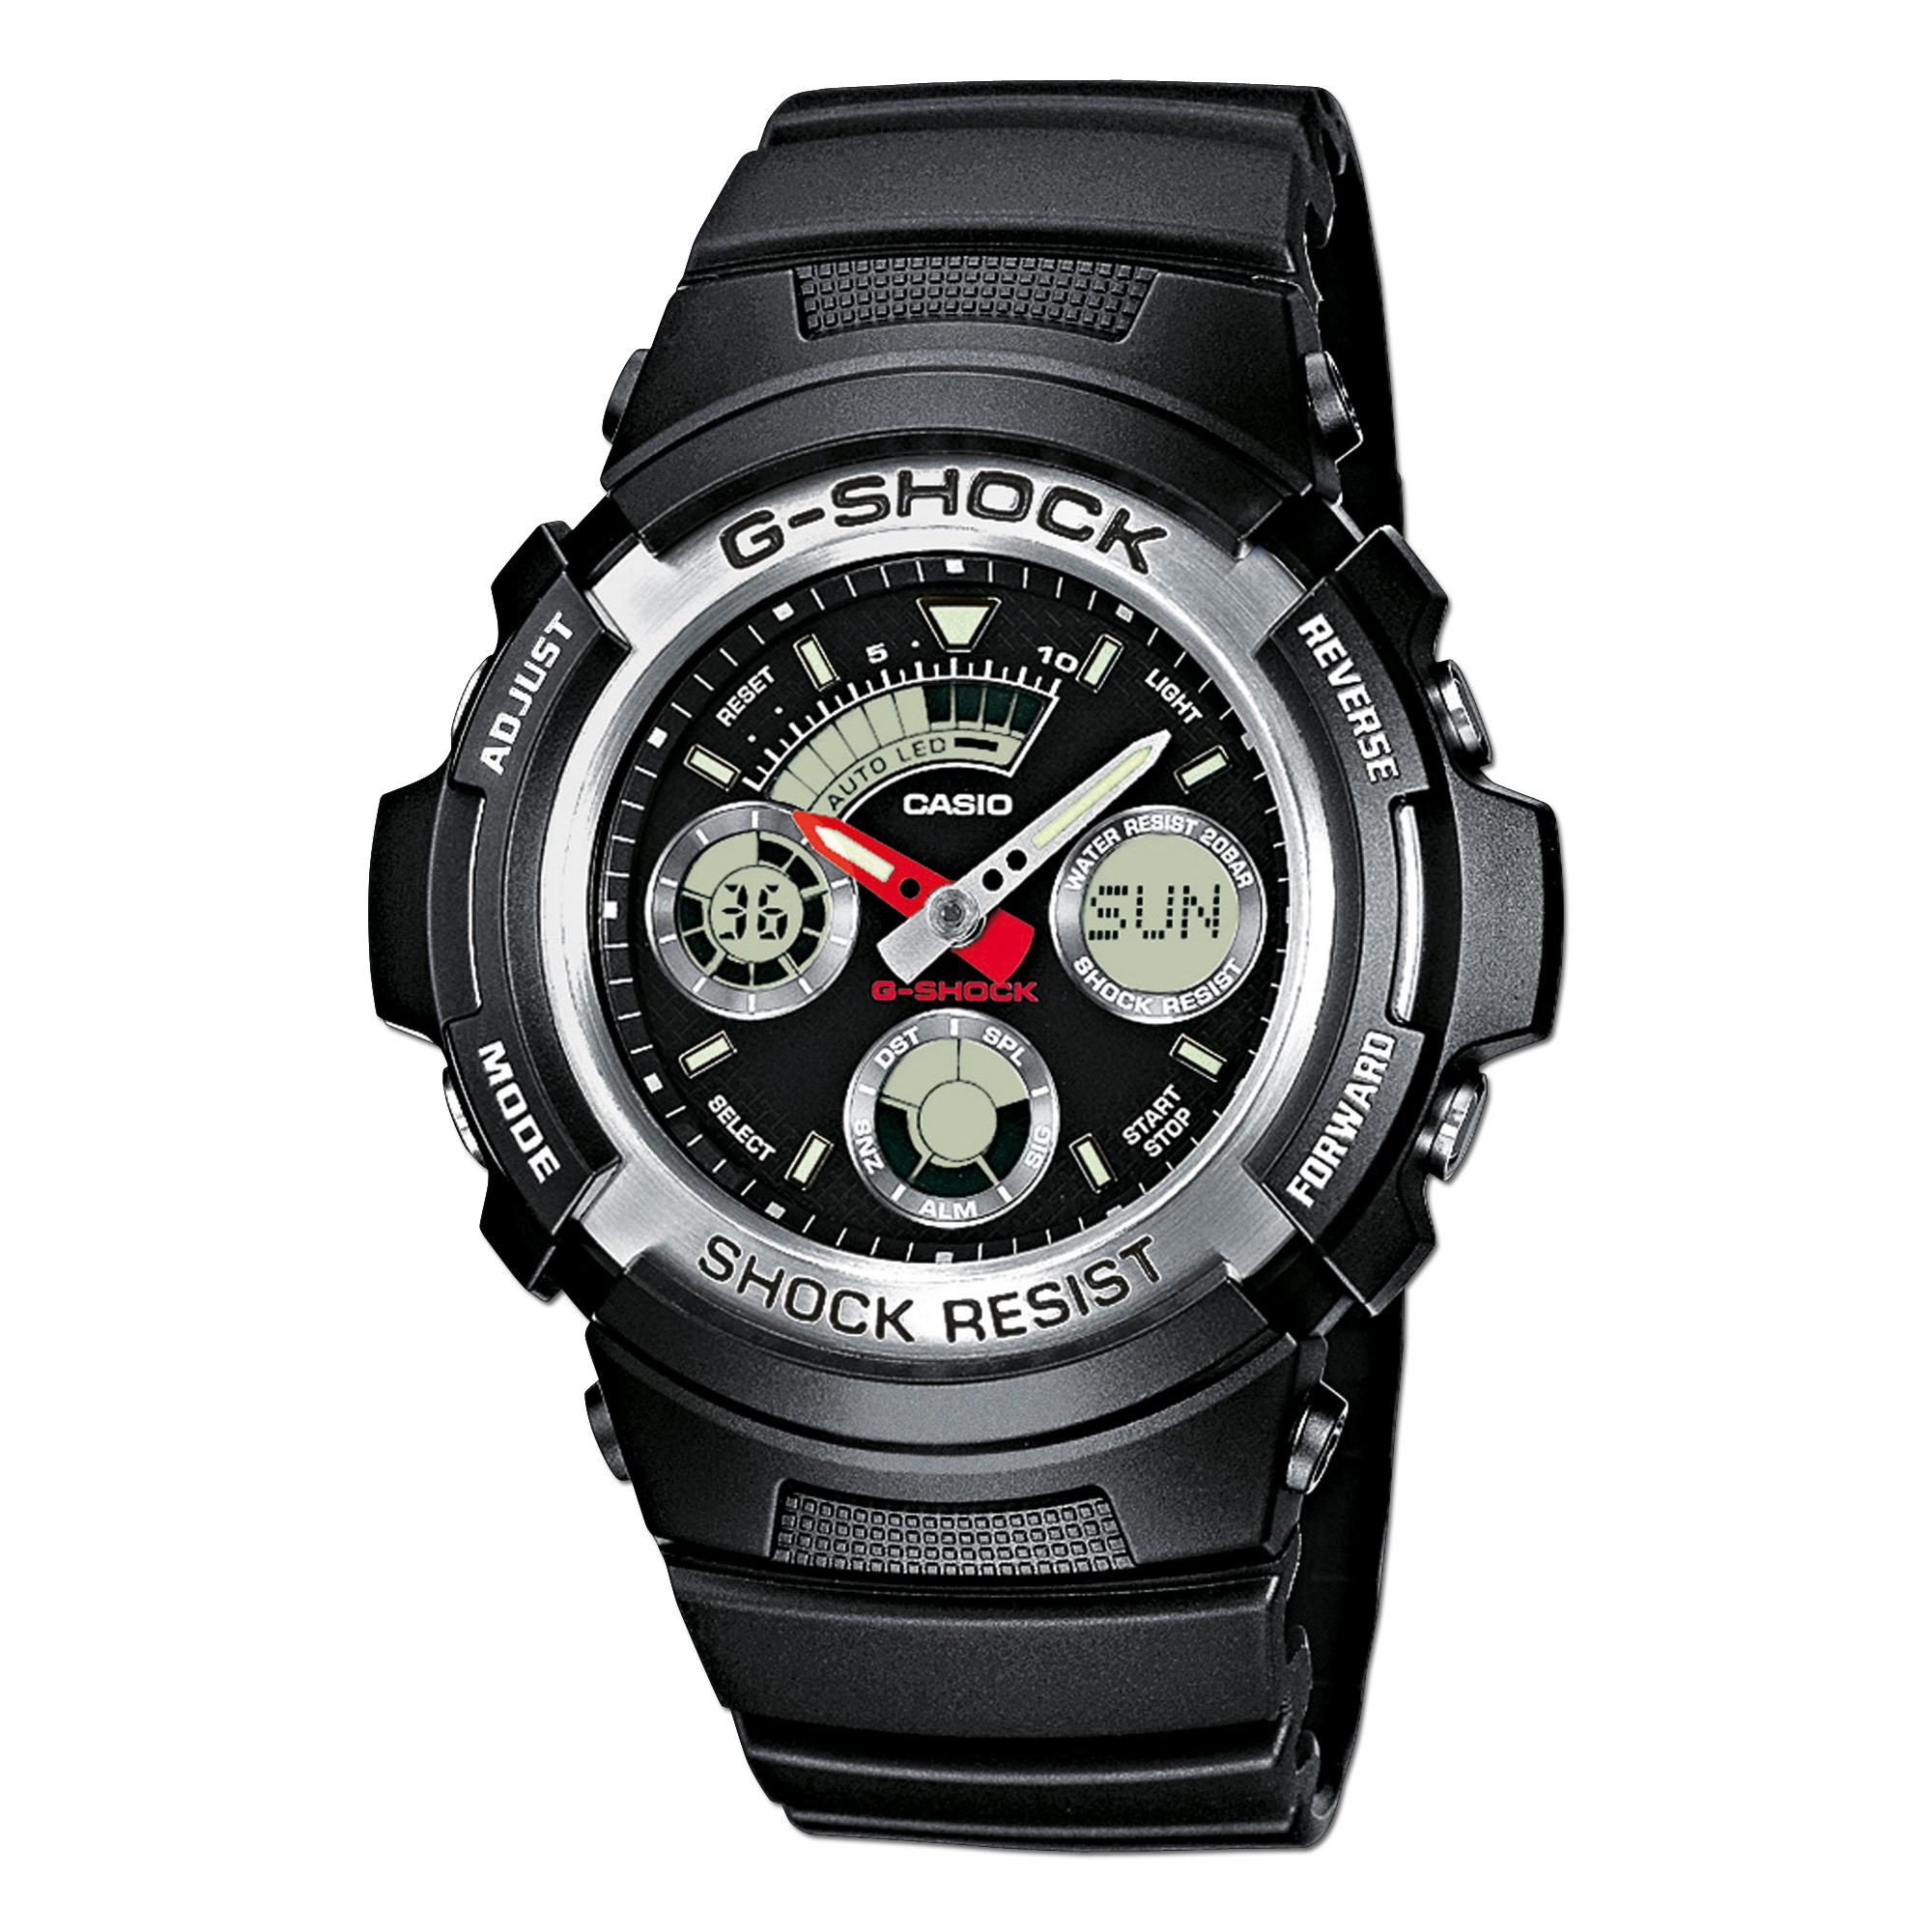 Uhr Casio G-Shock Speed Shifter